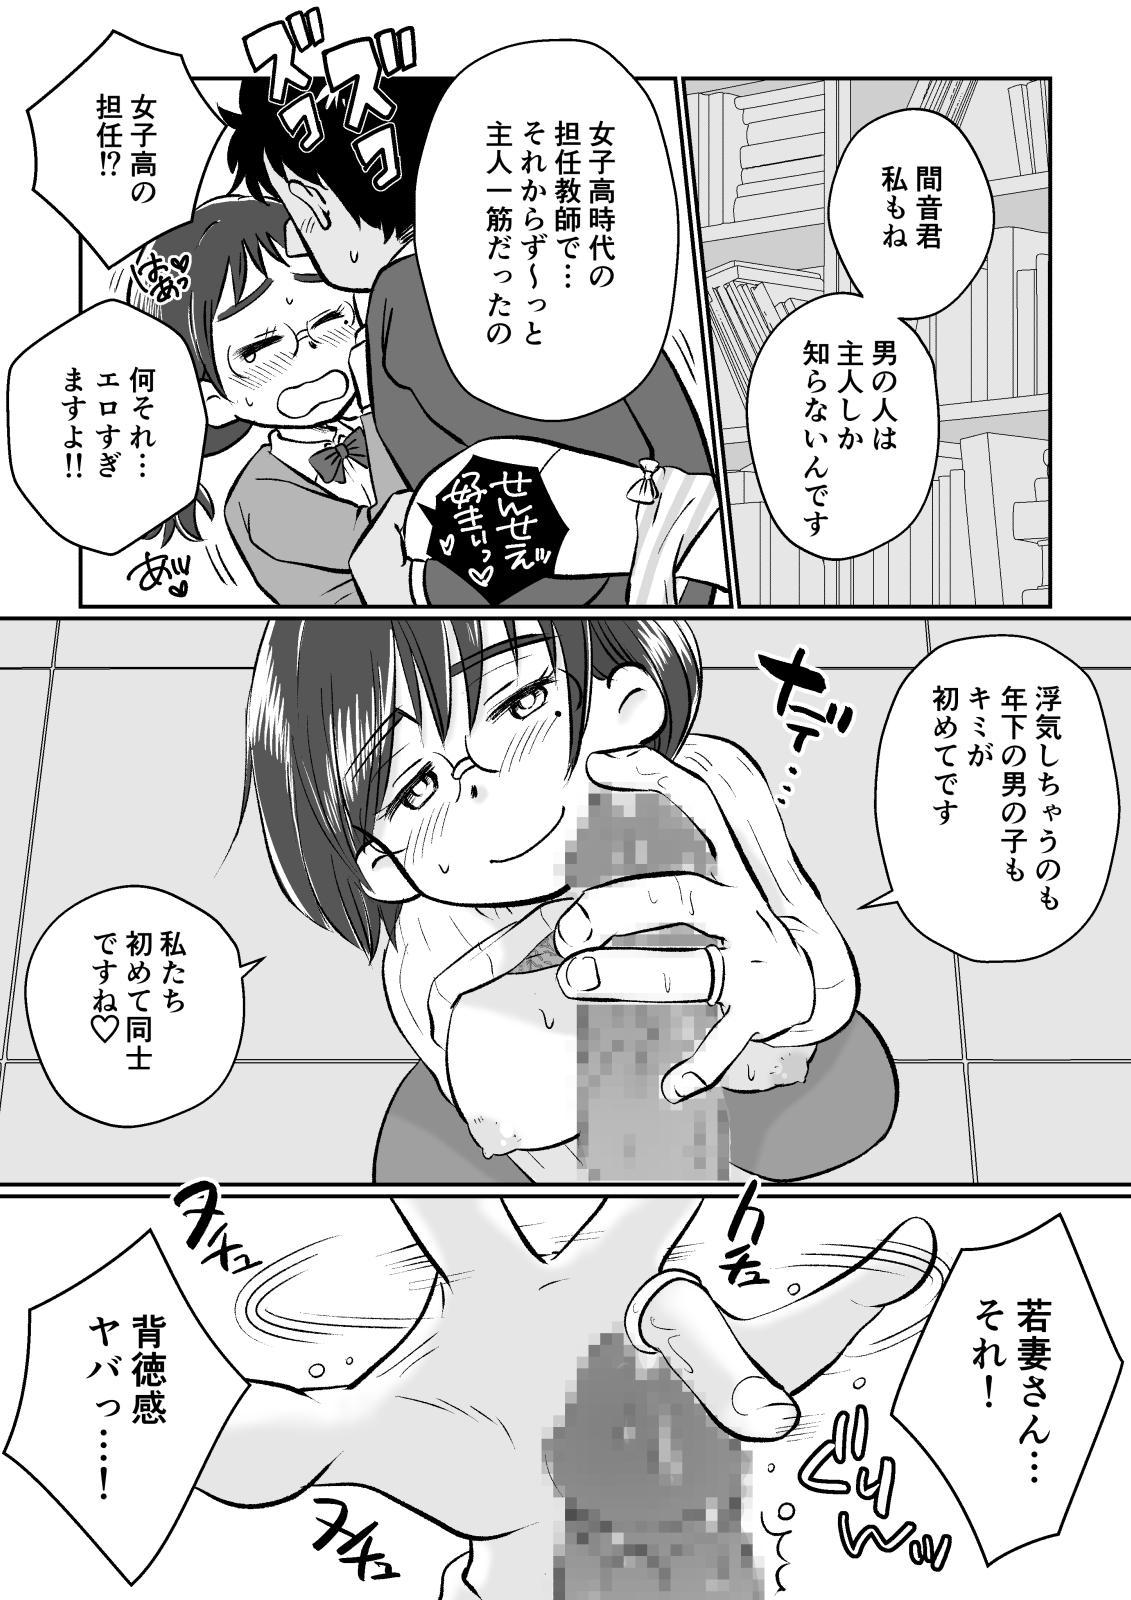 [Megitsune Works] Wakazuma-san wa Yokkyuu Fuman! Akogare no Shisho no Wakazuma-san ga Gakusei Beit no Boku no Fudeoroshi o Shite kuremashita. 36